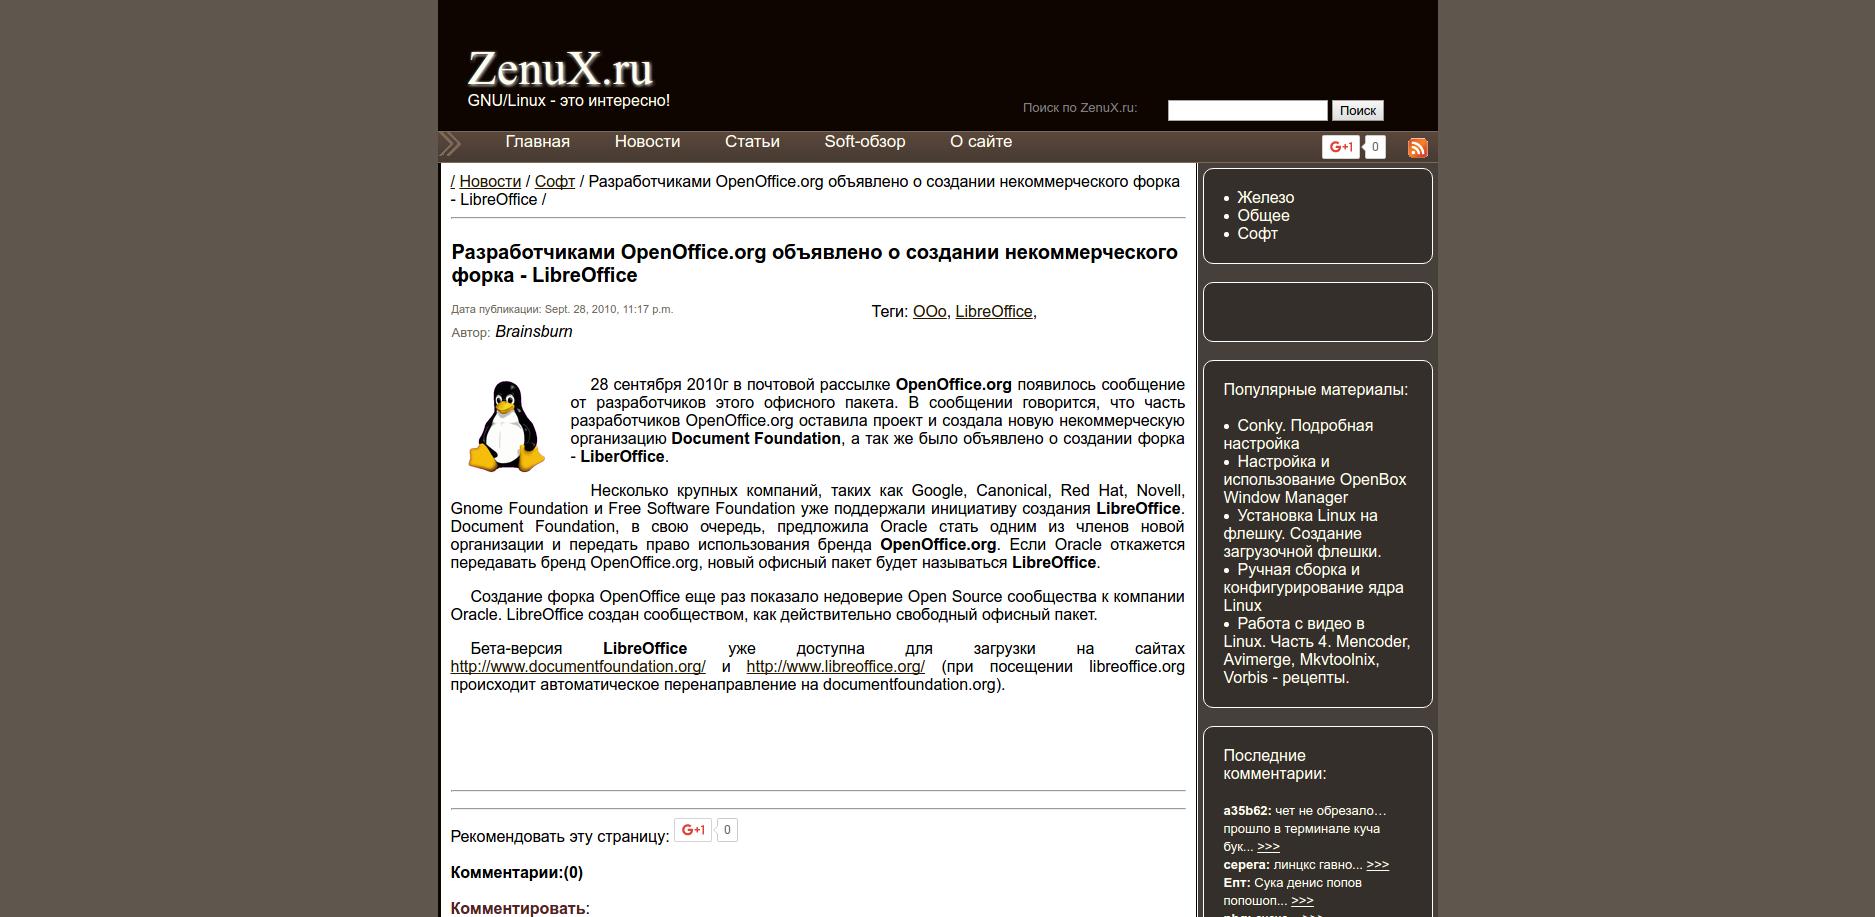 ZenuX